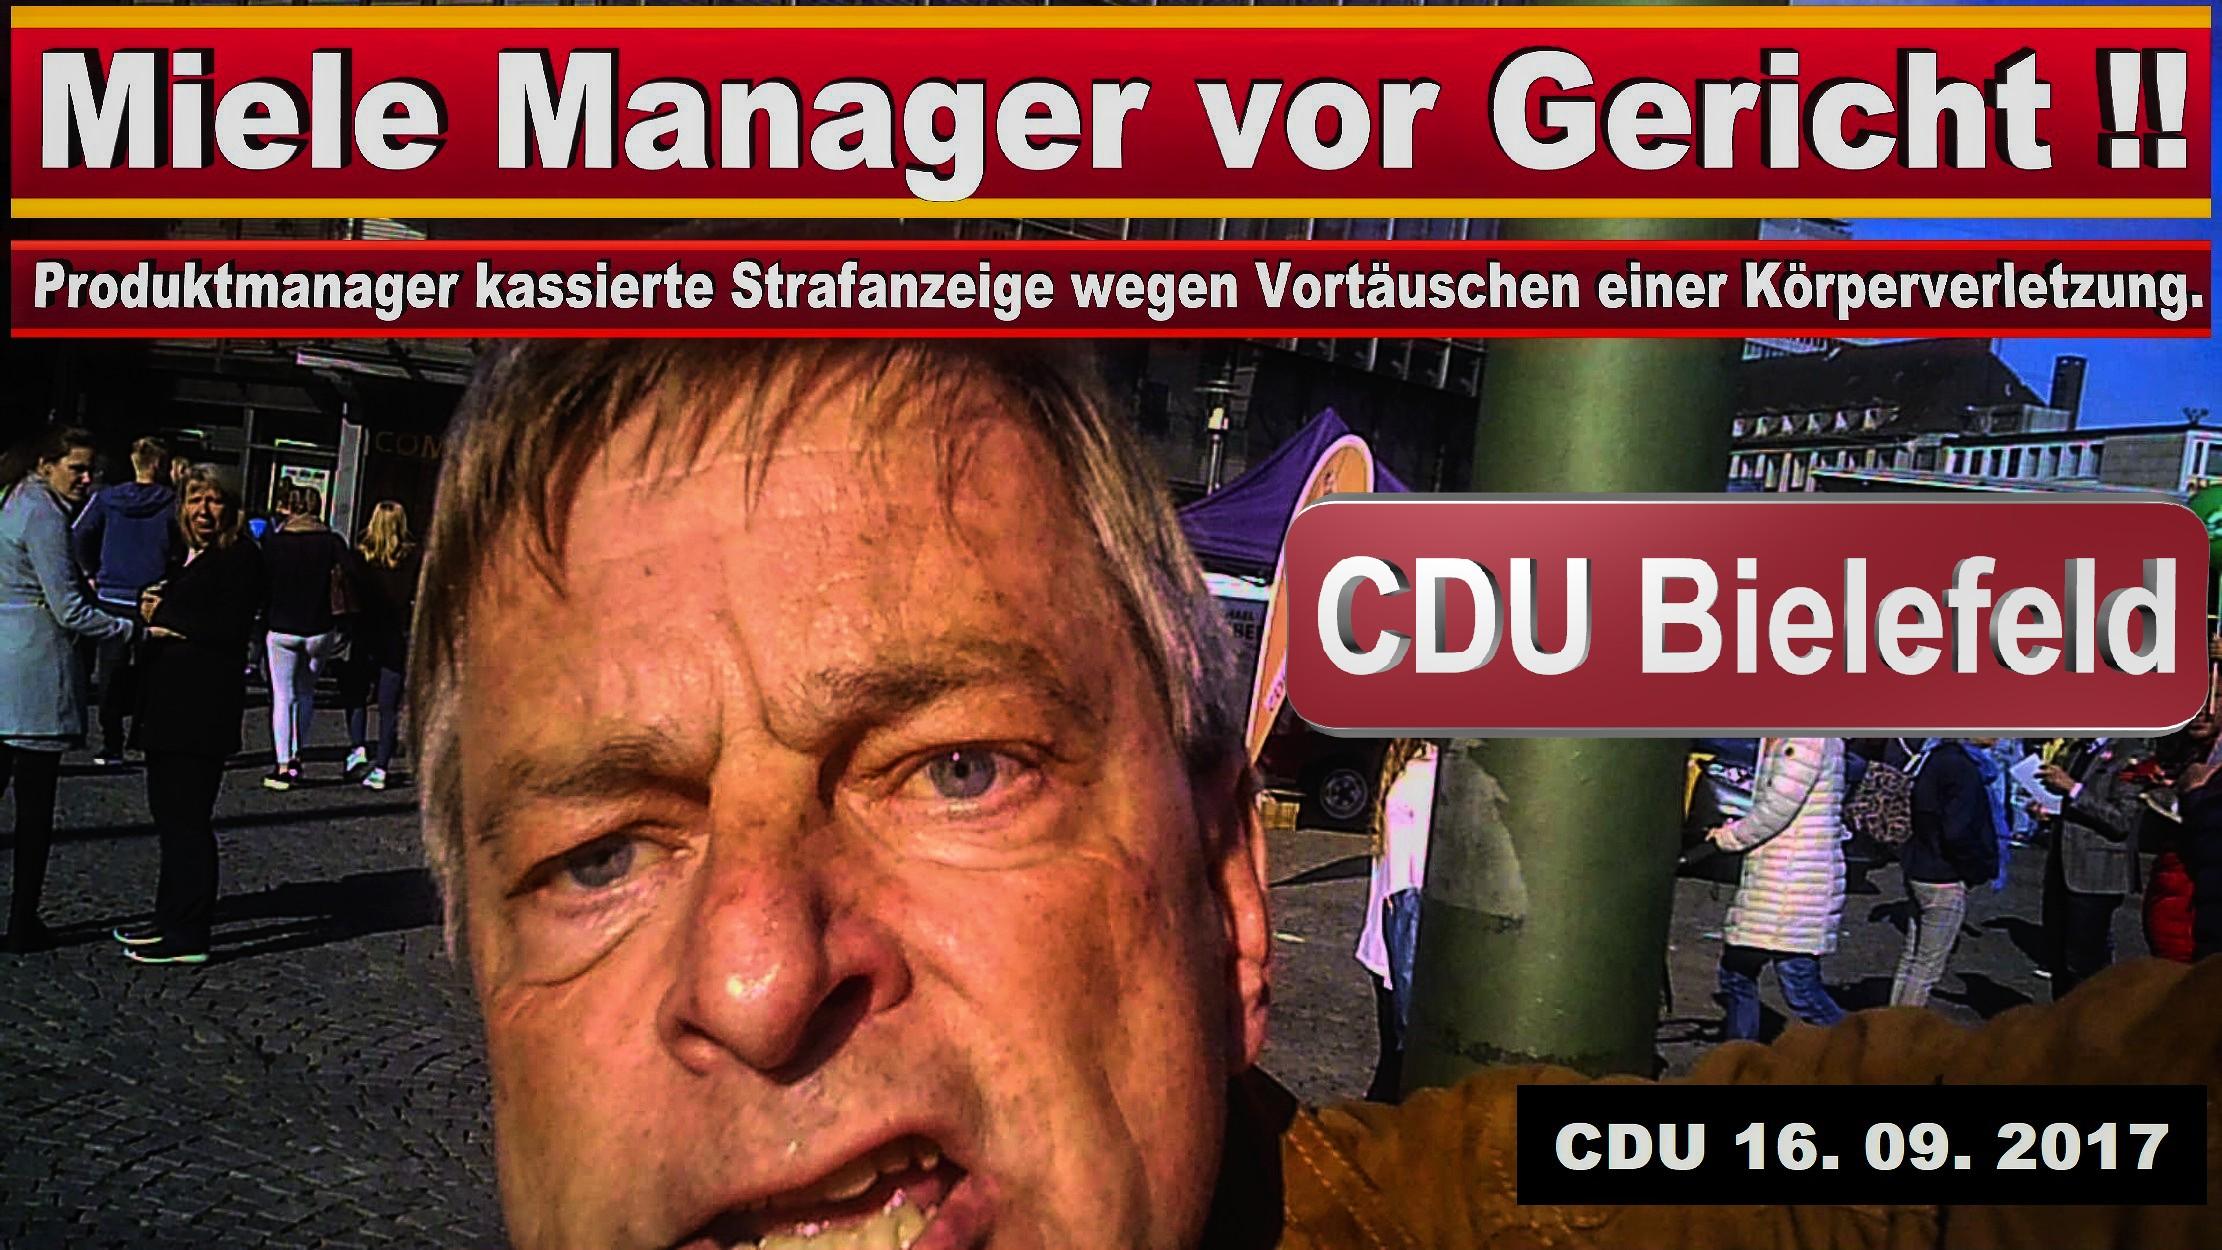 MICHAEL WEBER MIELE GüTERSLOH CDU BIELEFELD POLIZEIGEWALT GEWALTAUSBRUCH UND STRAFANZEIGE GEGEN EINEN JOURNALISTEN FTJU(3) EDIT KOPIE